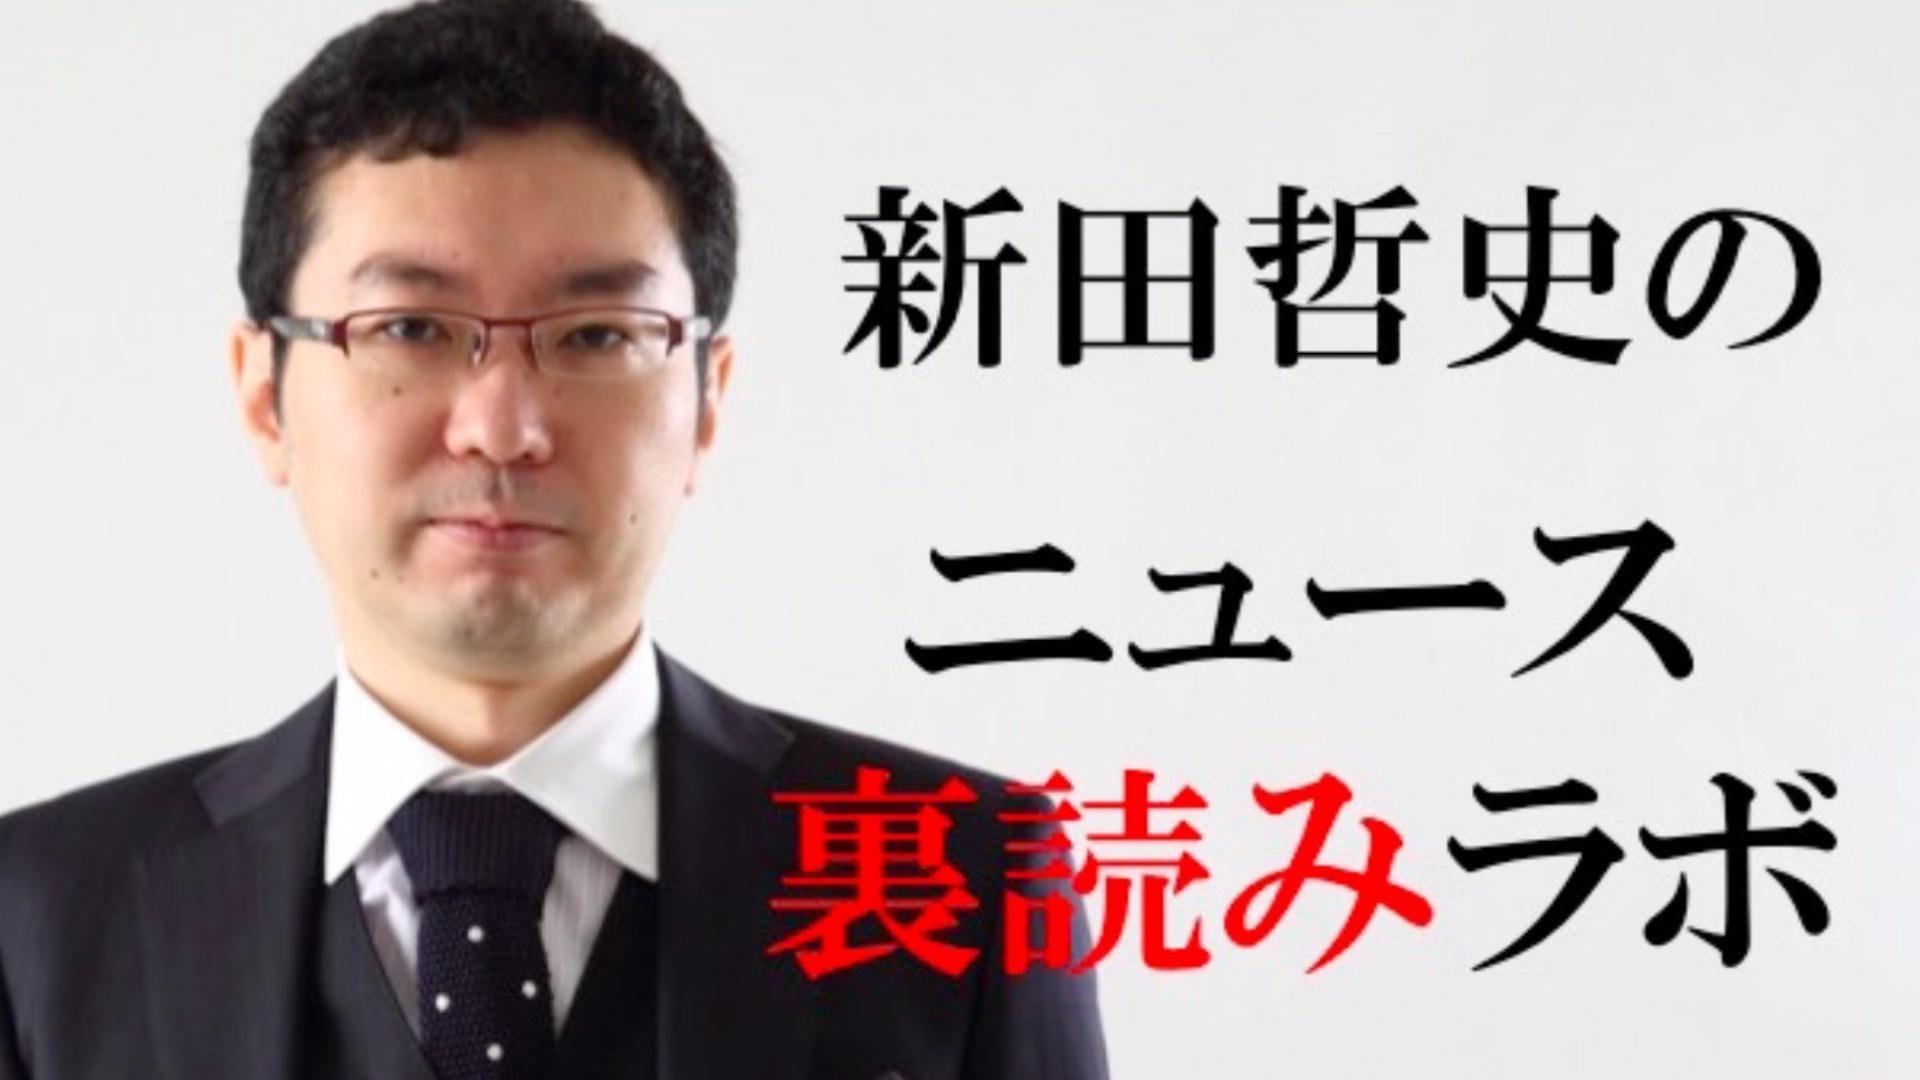 新田哲史 - 新田哲史のニュース...